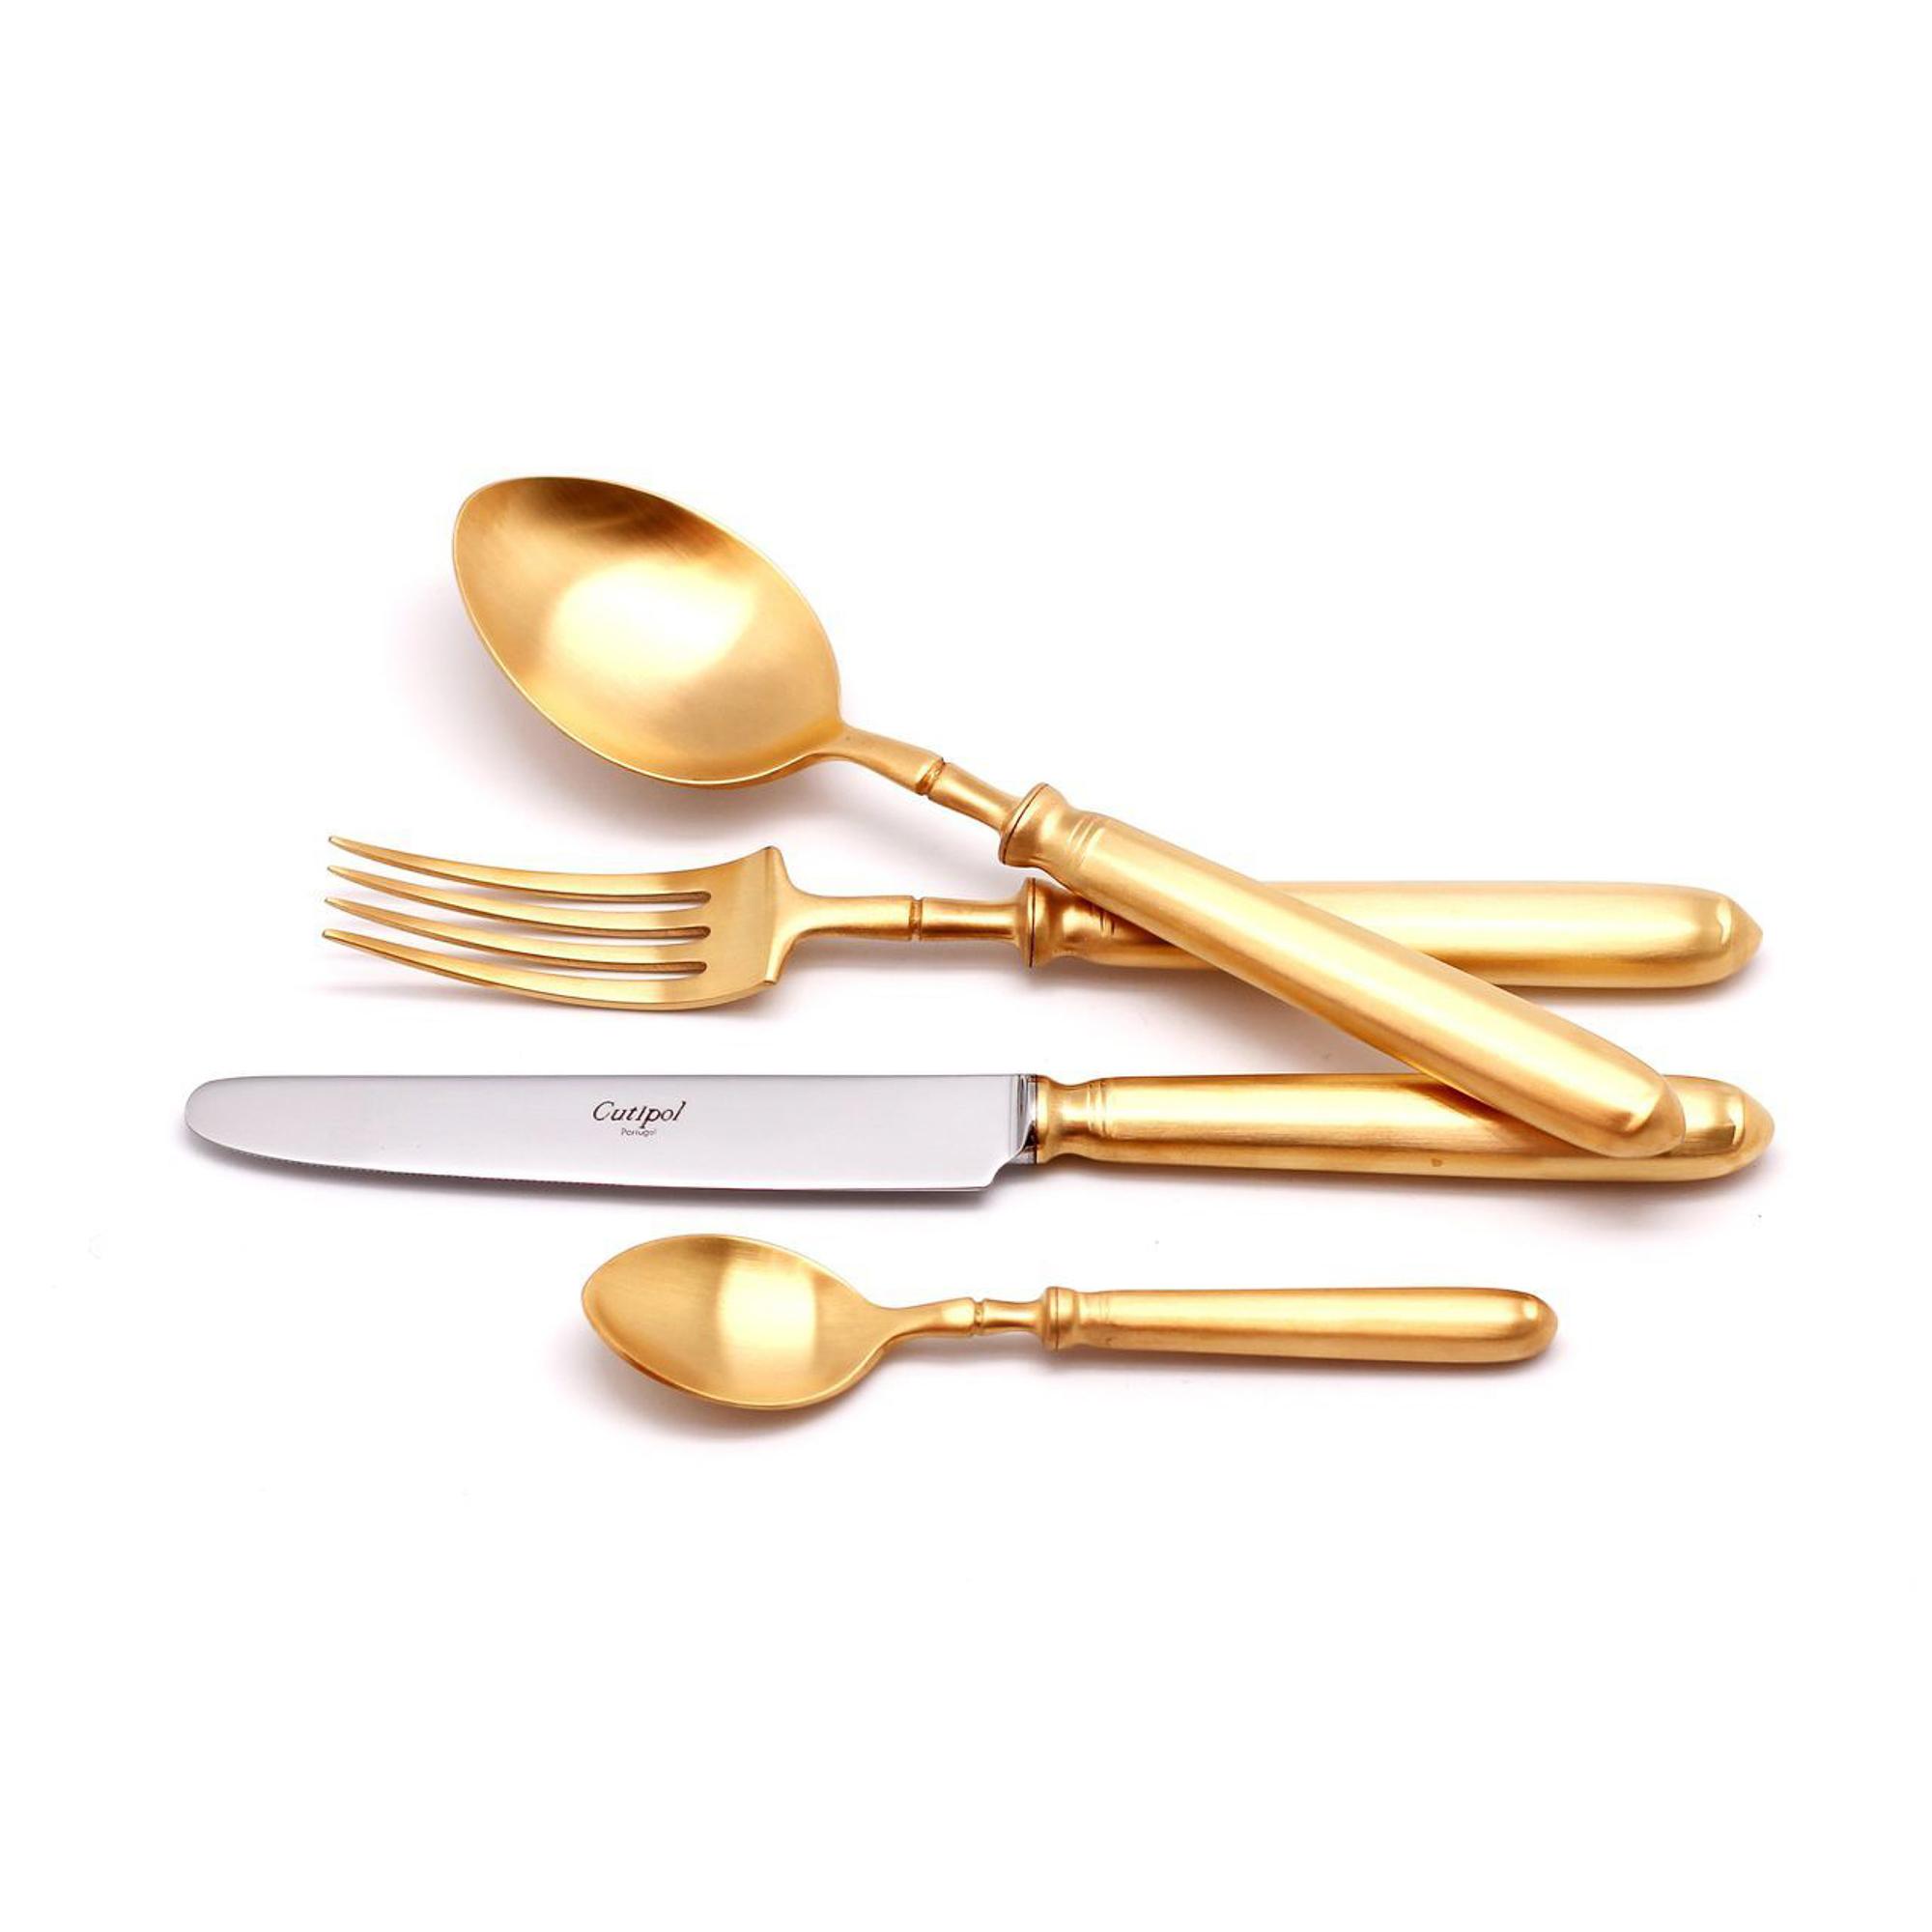 Столовый набор Cutipol MITHOS GOLD 9152-72 Gold набор столовых приборов cutipol fontainebleau gold из 72 х предметов 9162 72